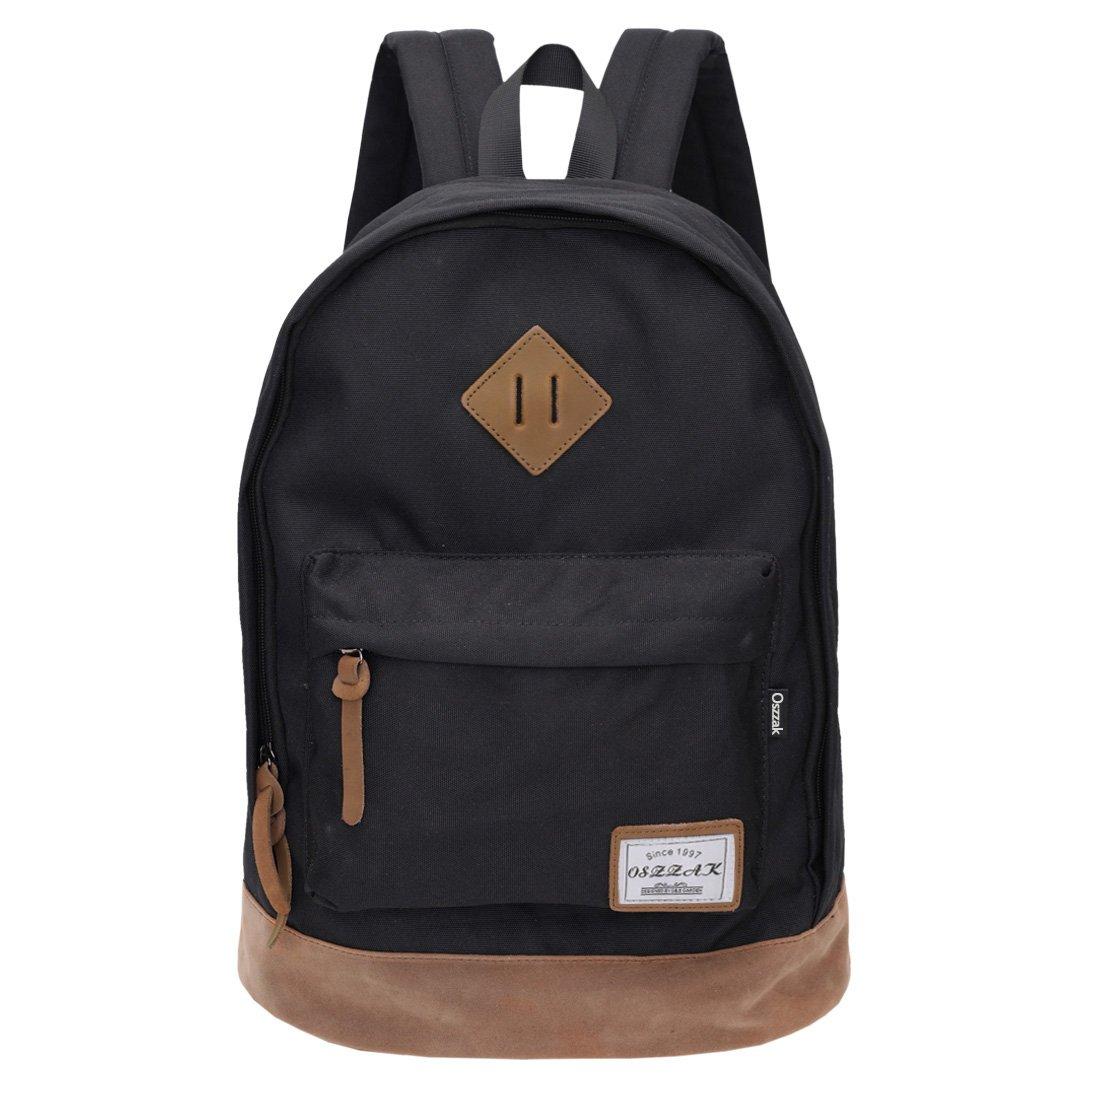 Rucksack Schwarz Schulrucksack Jugendliche Backpack Rucksäcke